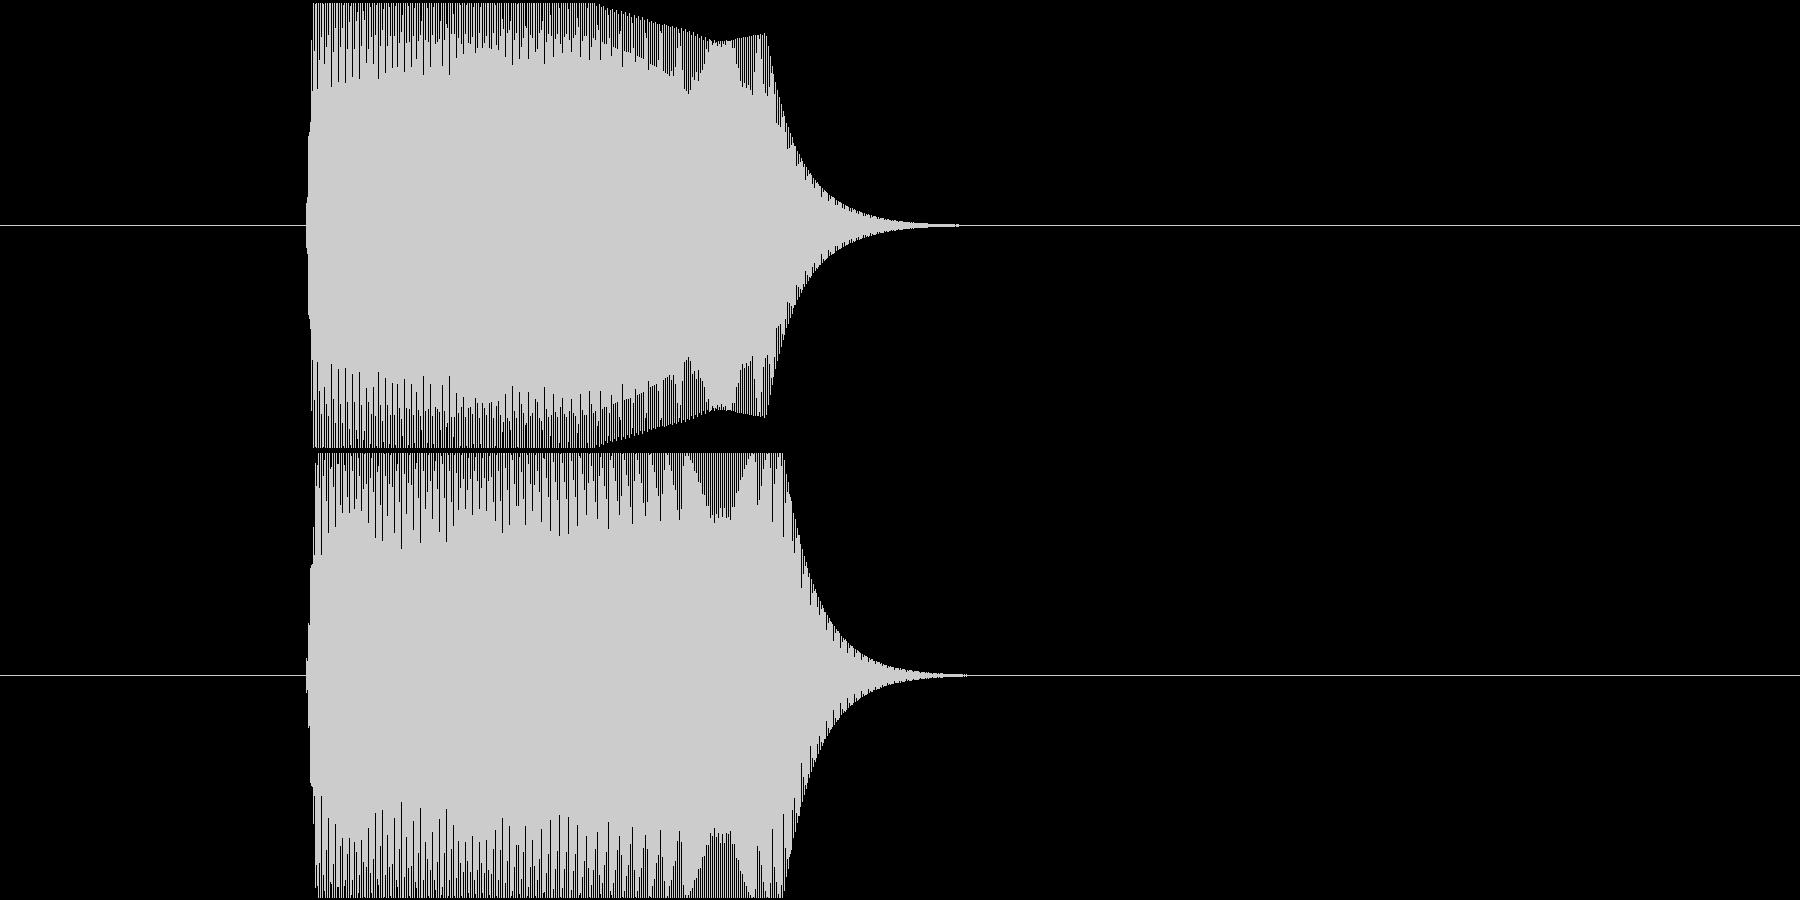 ジャンプ、ぴょん、ぽい、ポップな上昇音の未再生の波形